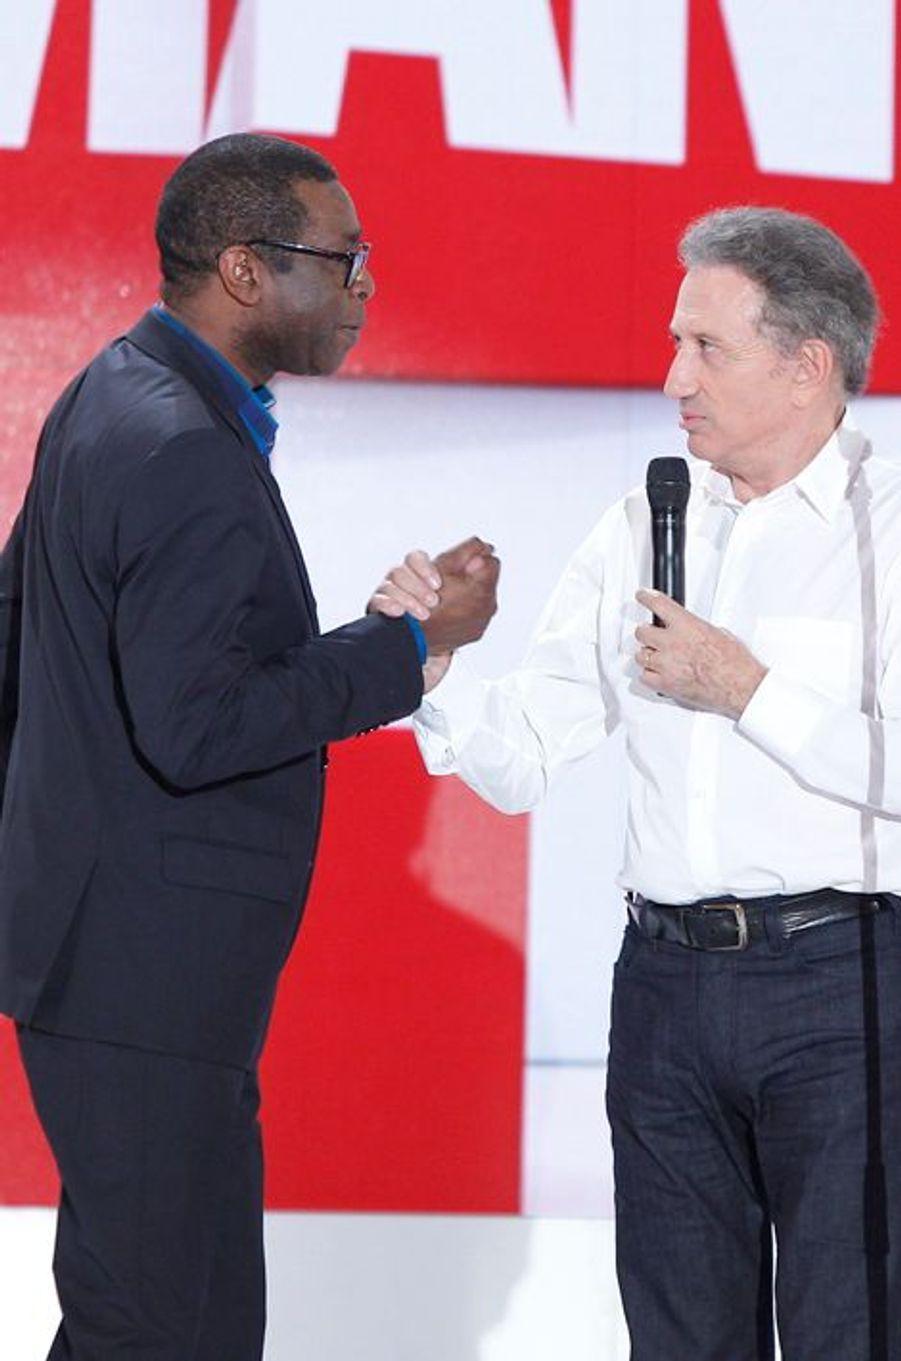 Youssou N'Dour et Michel Drucker lors de l'enregistrement de «Vivement Dimanche» Omar Sy à Paris, le 1er octobre 2014